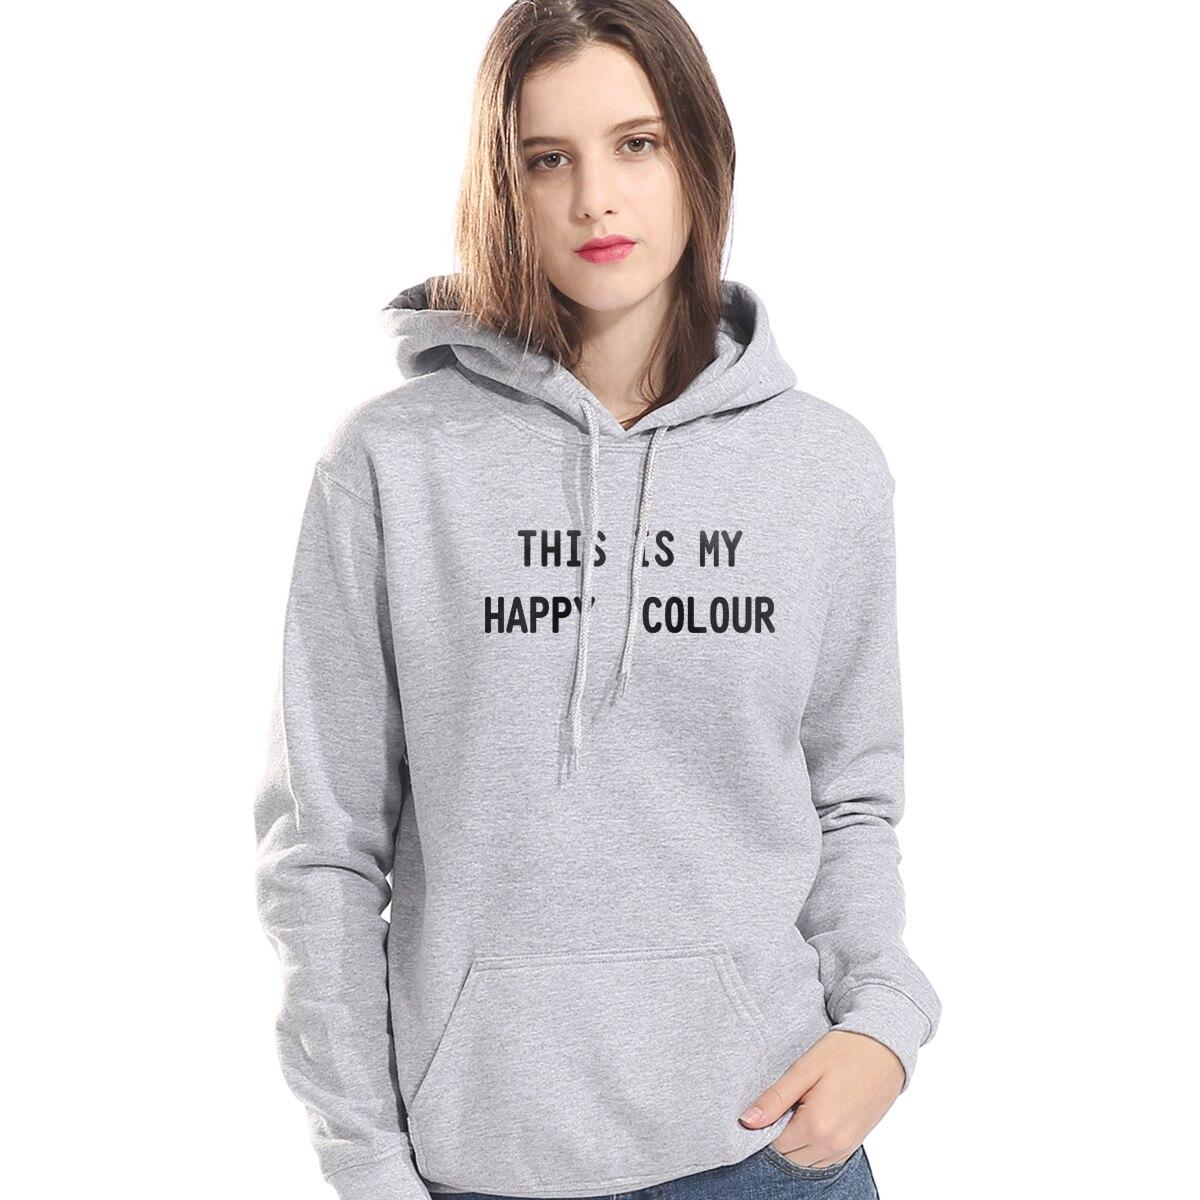 THIS IS MY HAPPY COLOUR Funny Print Sweatshirt For Women Autumn Winter Fleece Hoody 2019 Hot Casual Women's Hoodies Kpop Coats